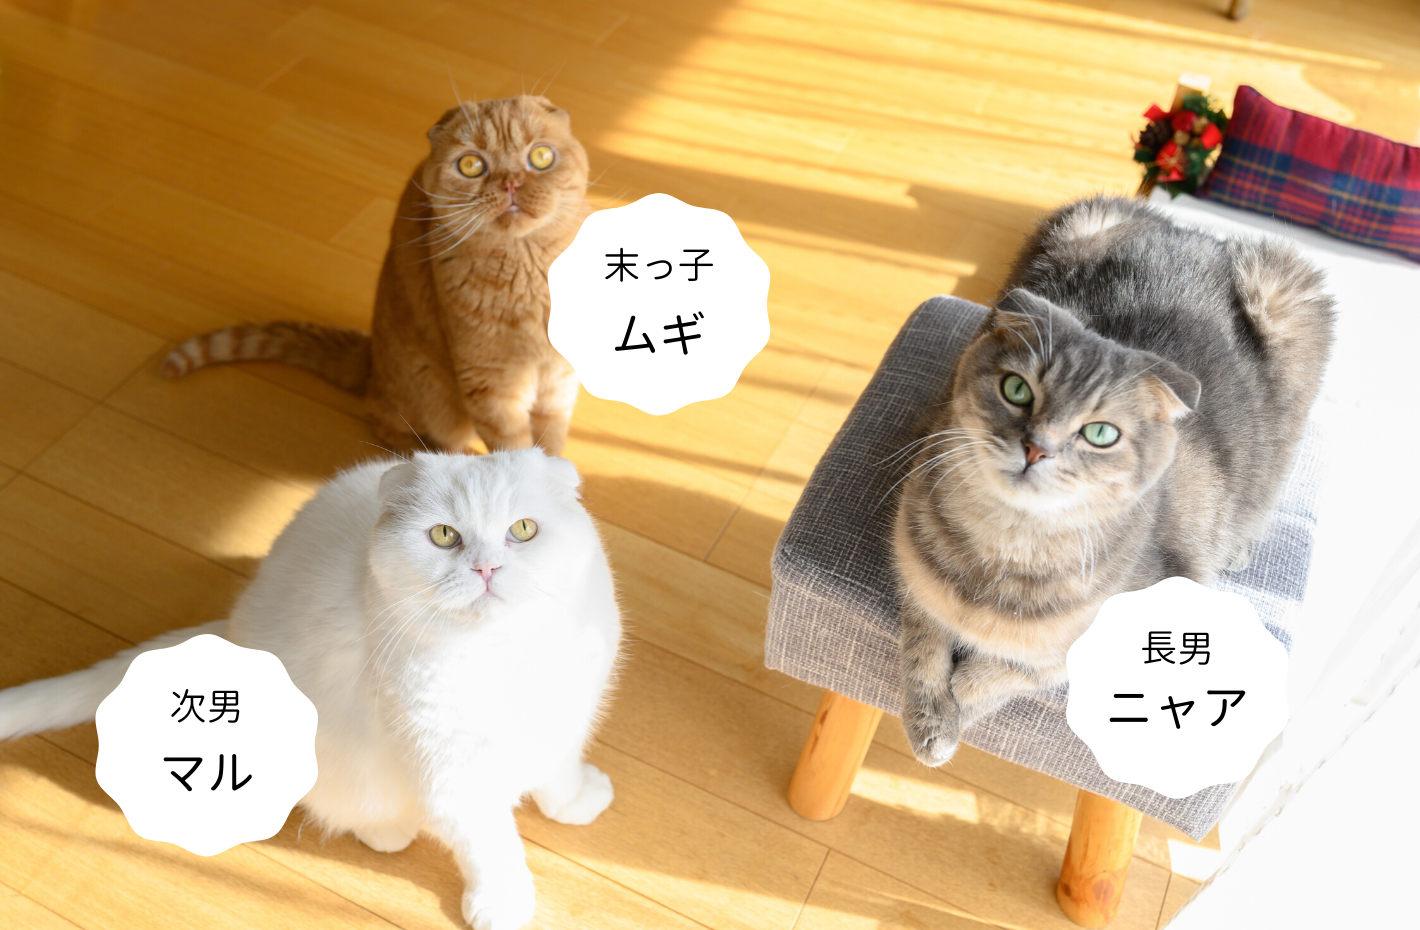 3匹の愛猫たち